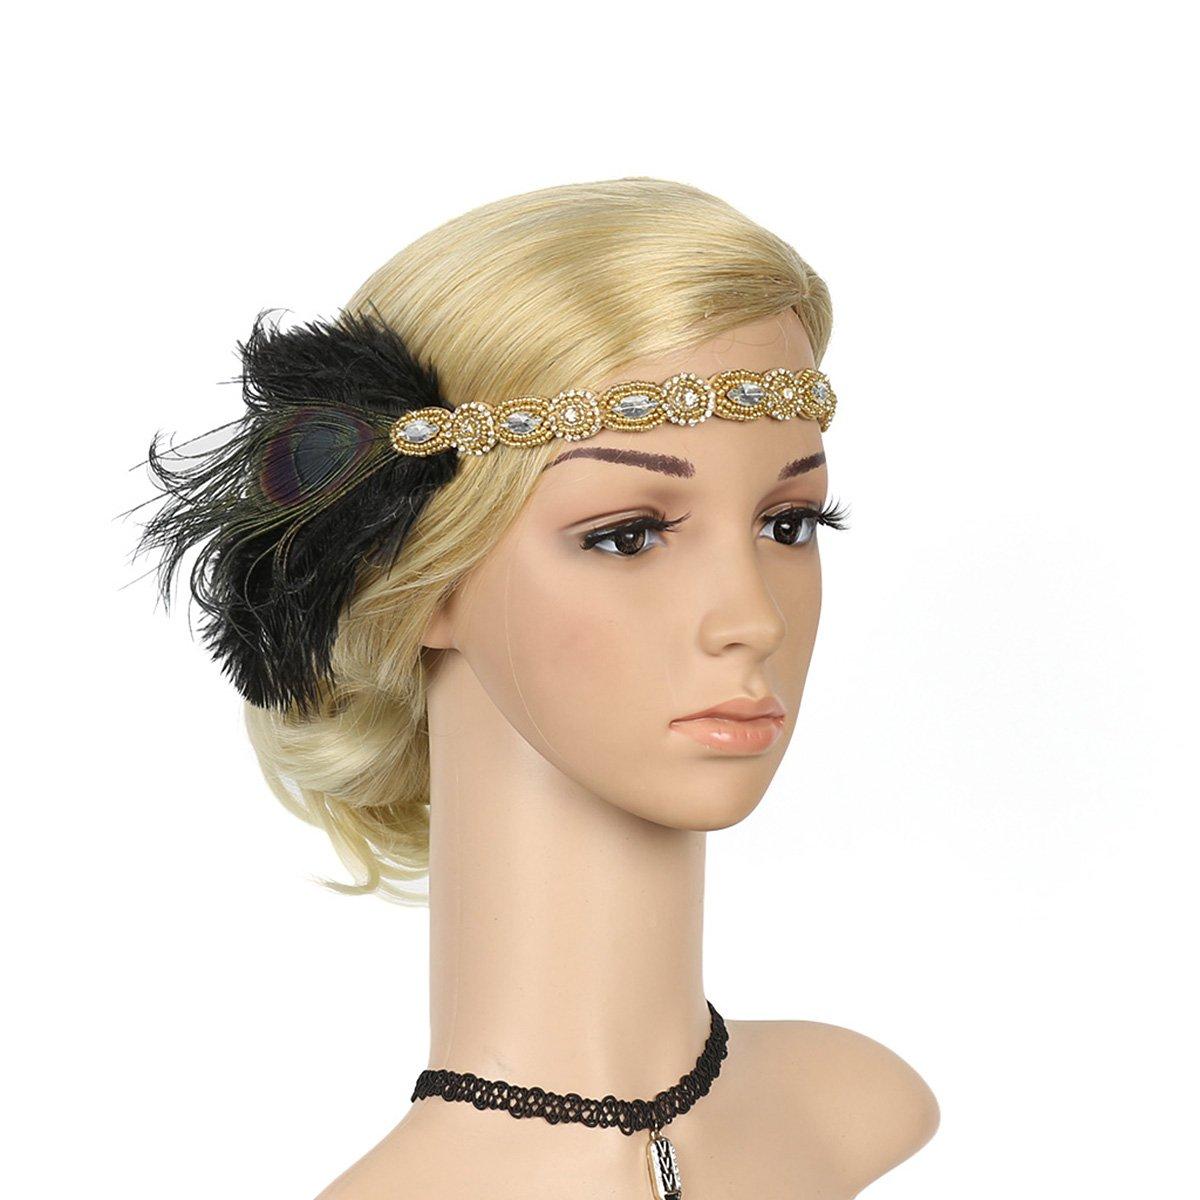 Ssowun Fletion Bandeau Cristal Plume Bandeau Serre-tête Vintage Classique Partie à Thème Headband pour Femme LF-382BW